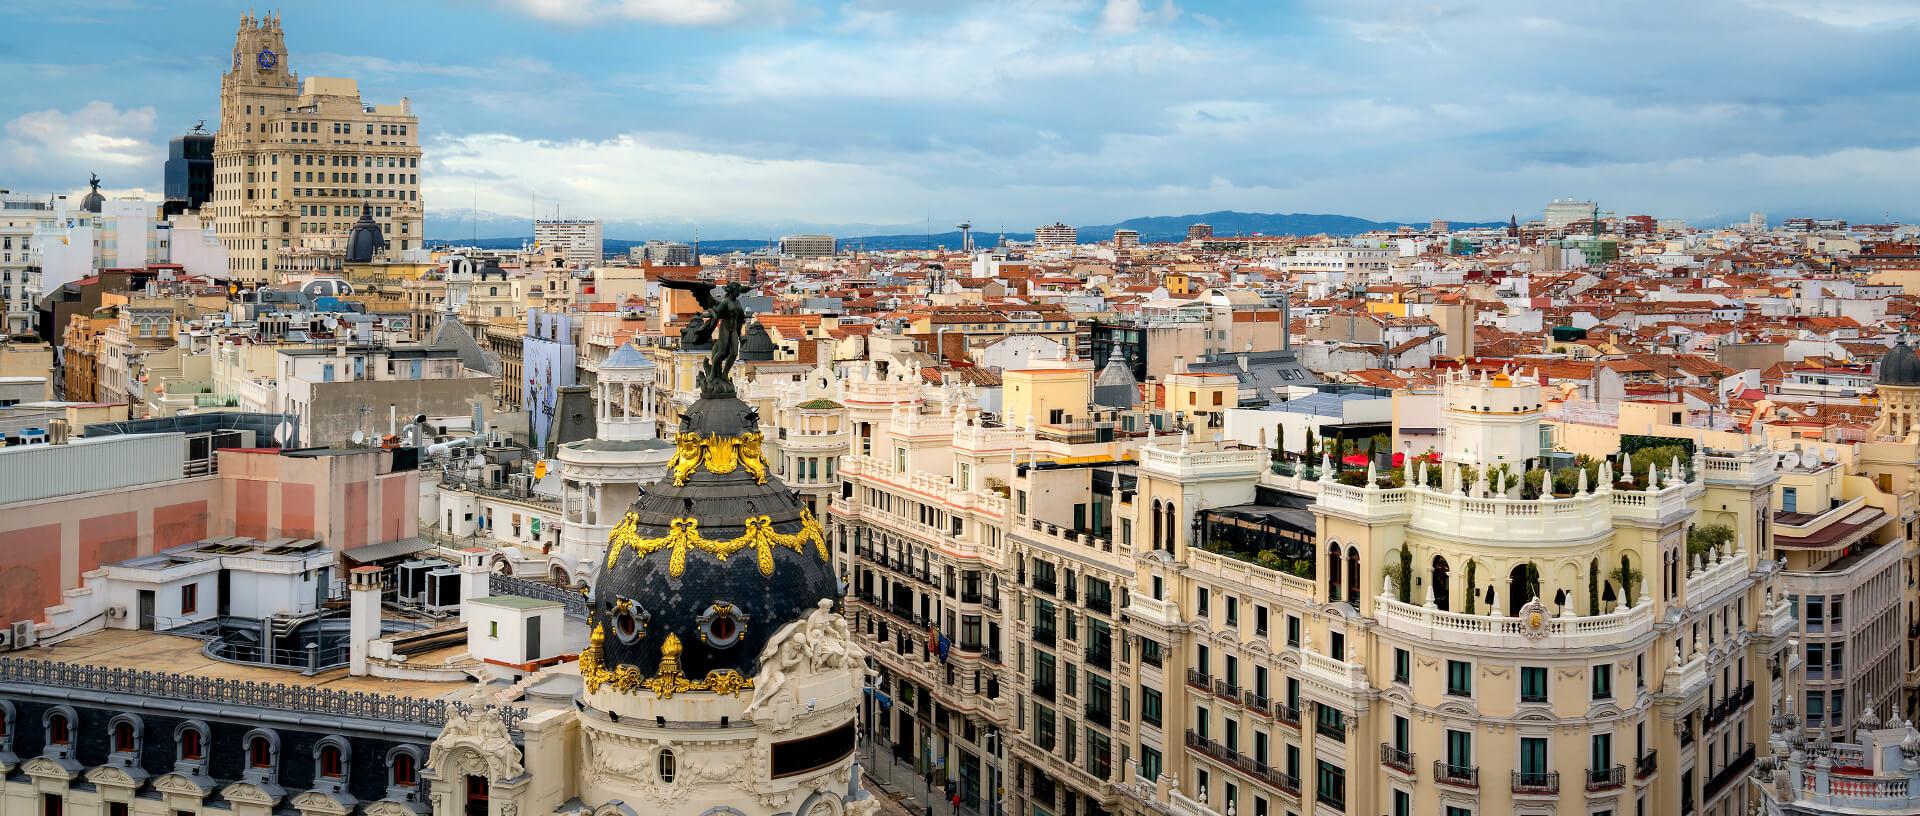 Corsi di spagnolo a TANDEM Madrid, scuola di spagnolo